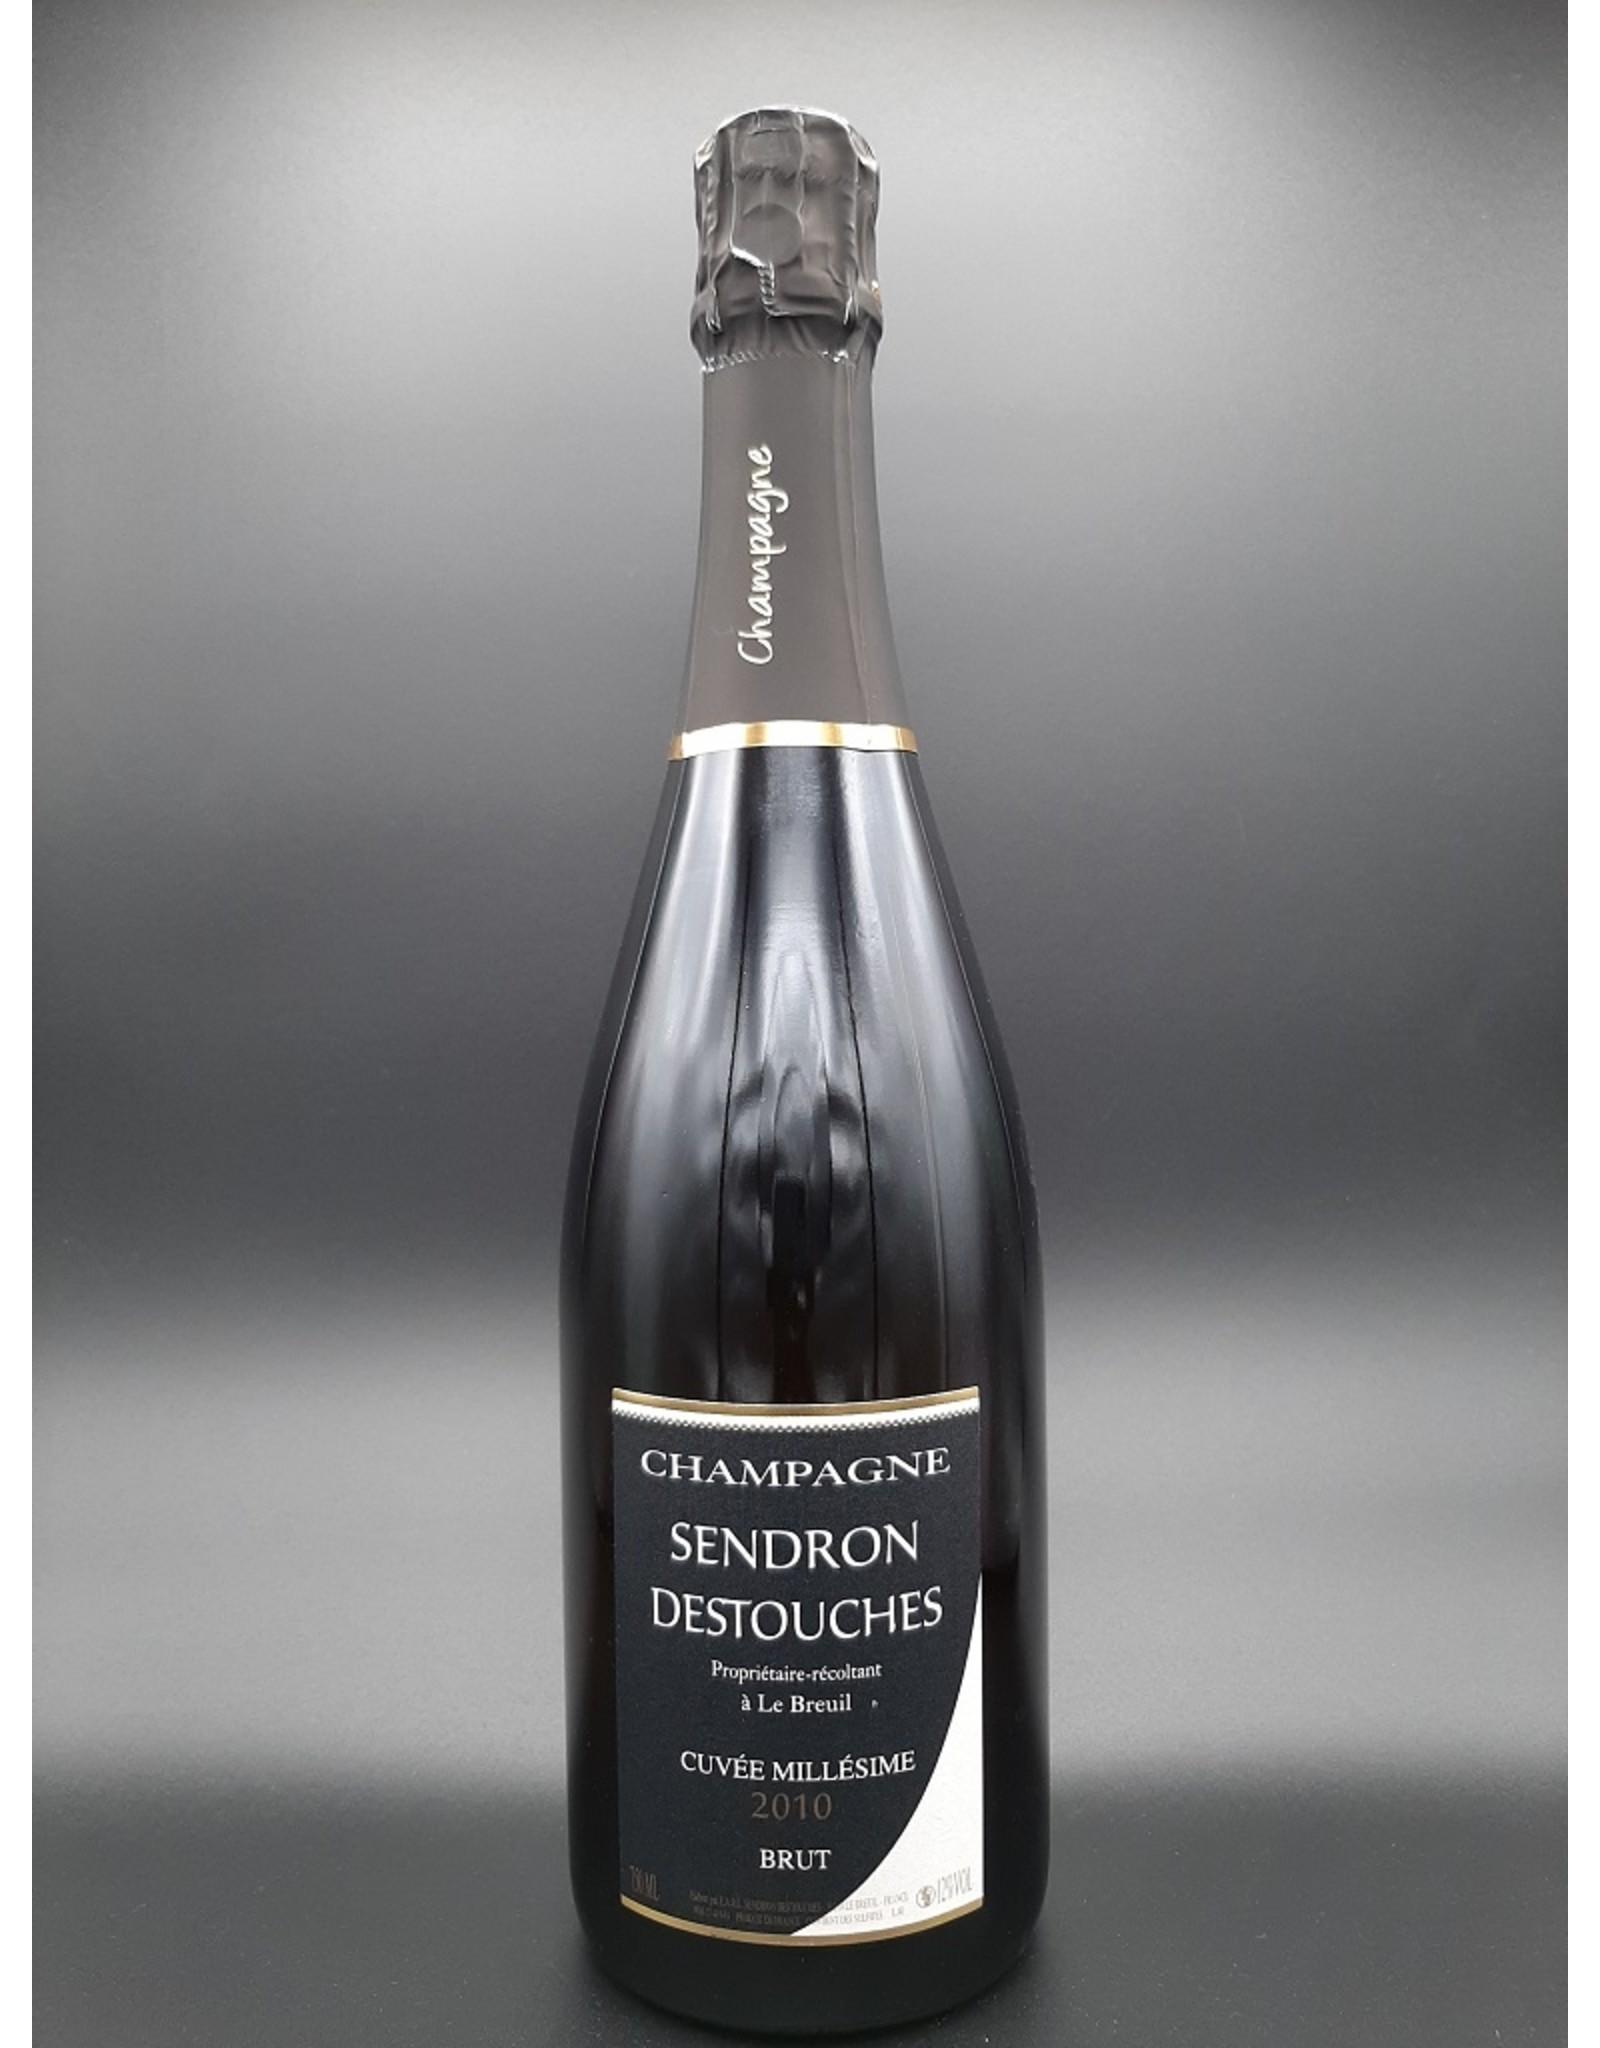 Champagne Sendron-Destouches Champagne Brut Millésimé 2010